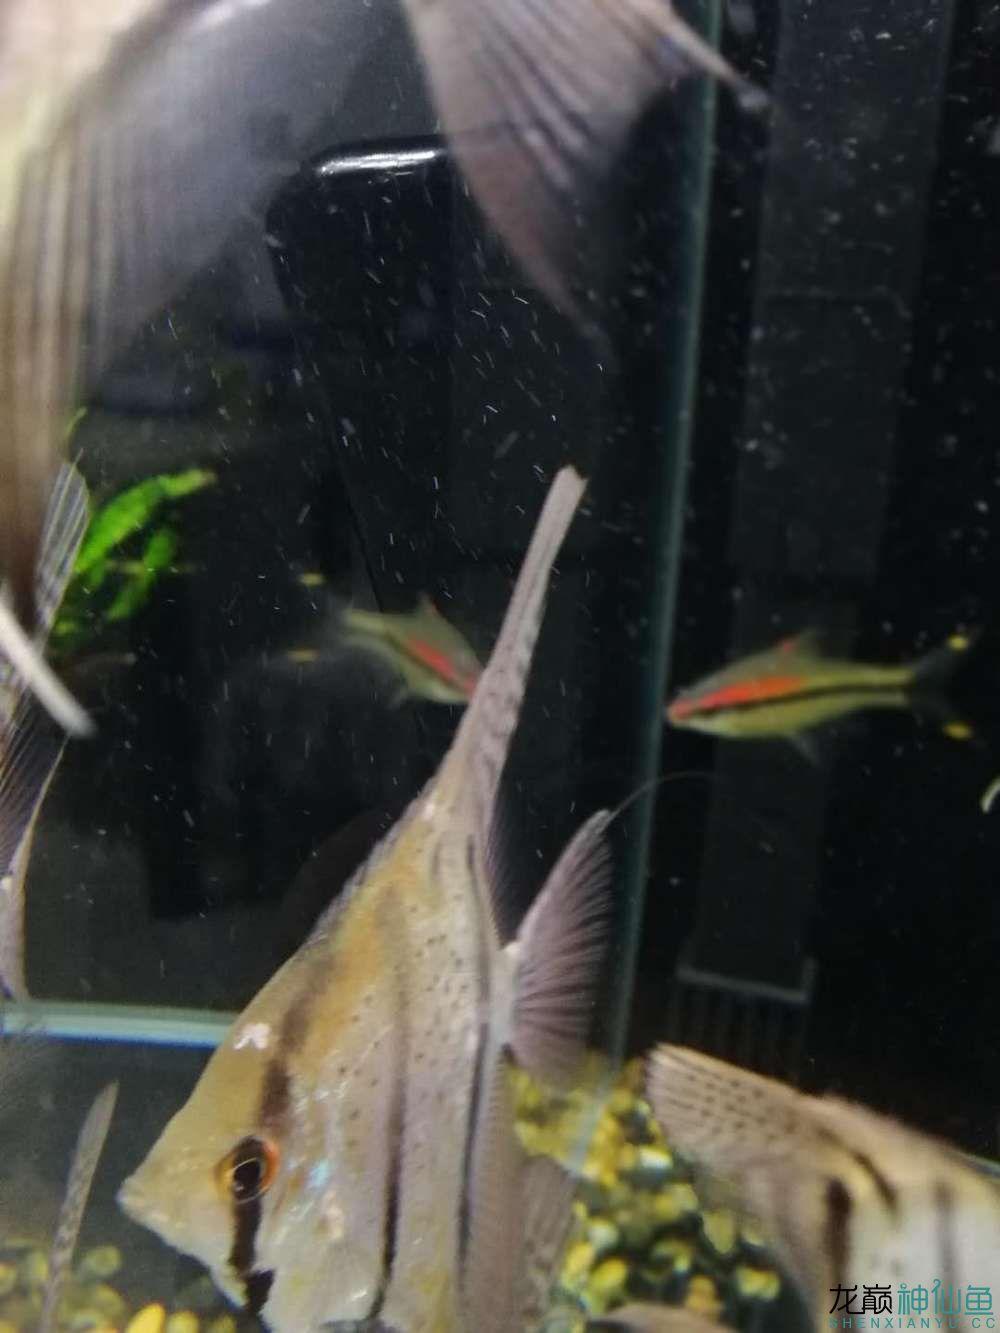 请各位大神帮我看看这是什么毛病 北京观赏鱼 北京龙鱼第3张